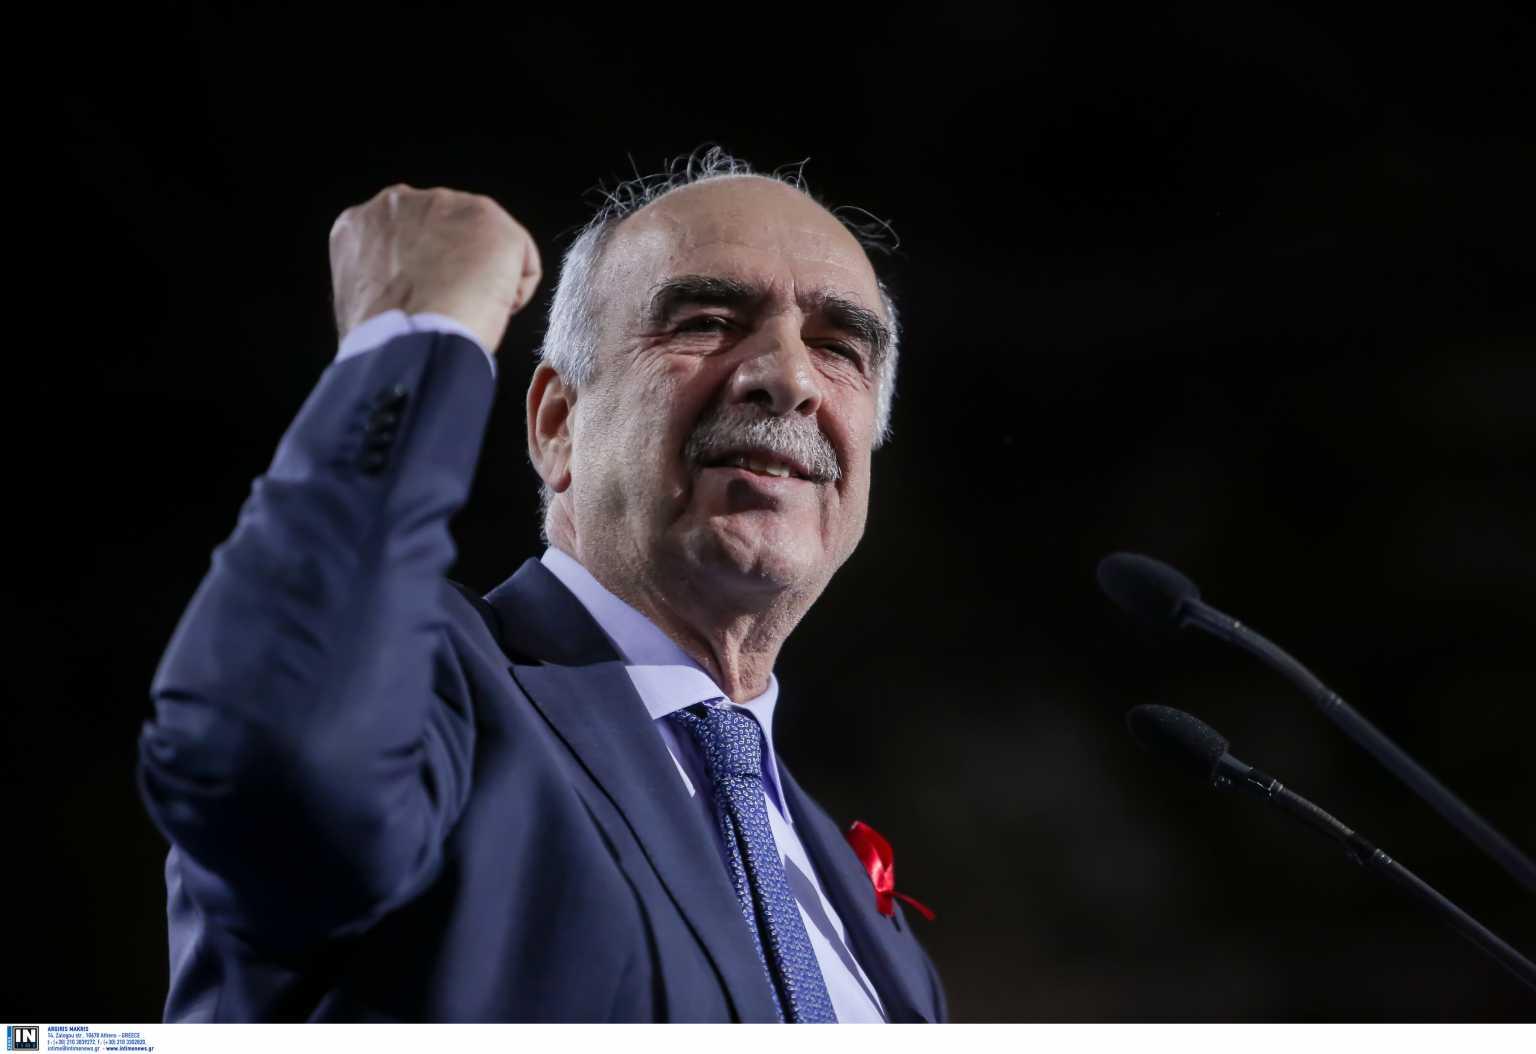 Επανέρχεται ο Μεϊμαράκης: «Δεν υπήρξε καμία συμφωνία για συγκυβέρνηση με Τσίπρα – Εκείνος έκανε την κωλοτούμπα»